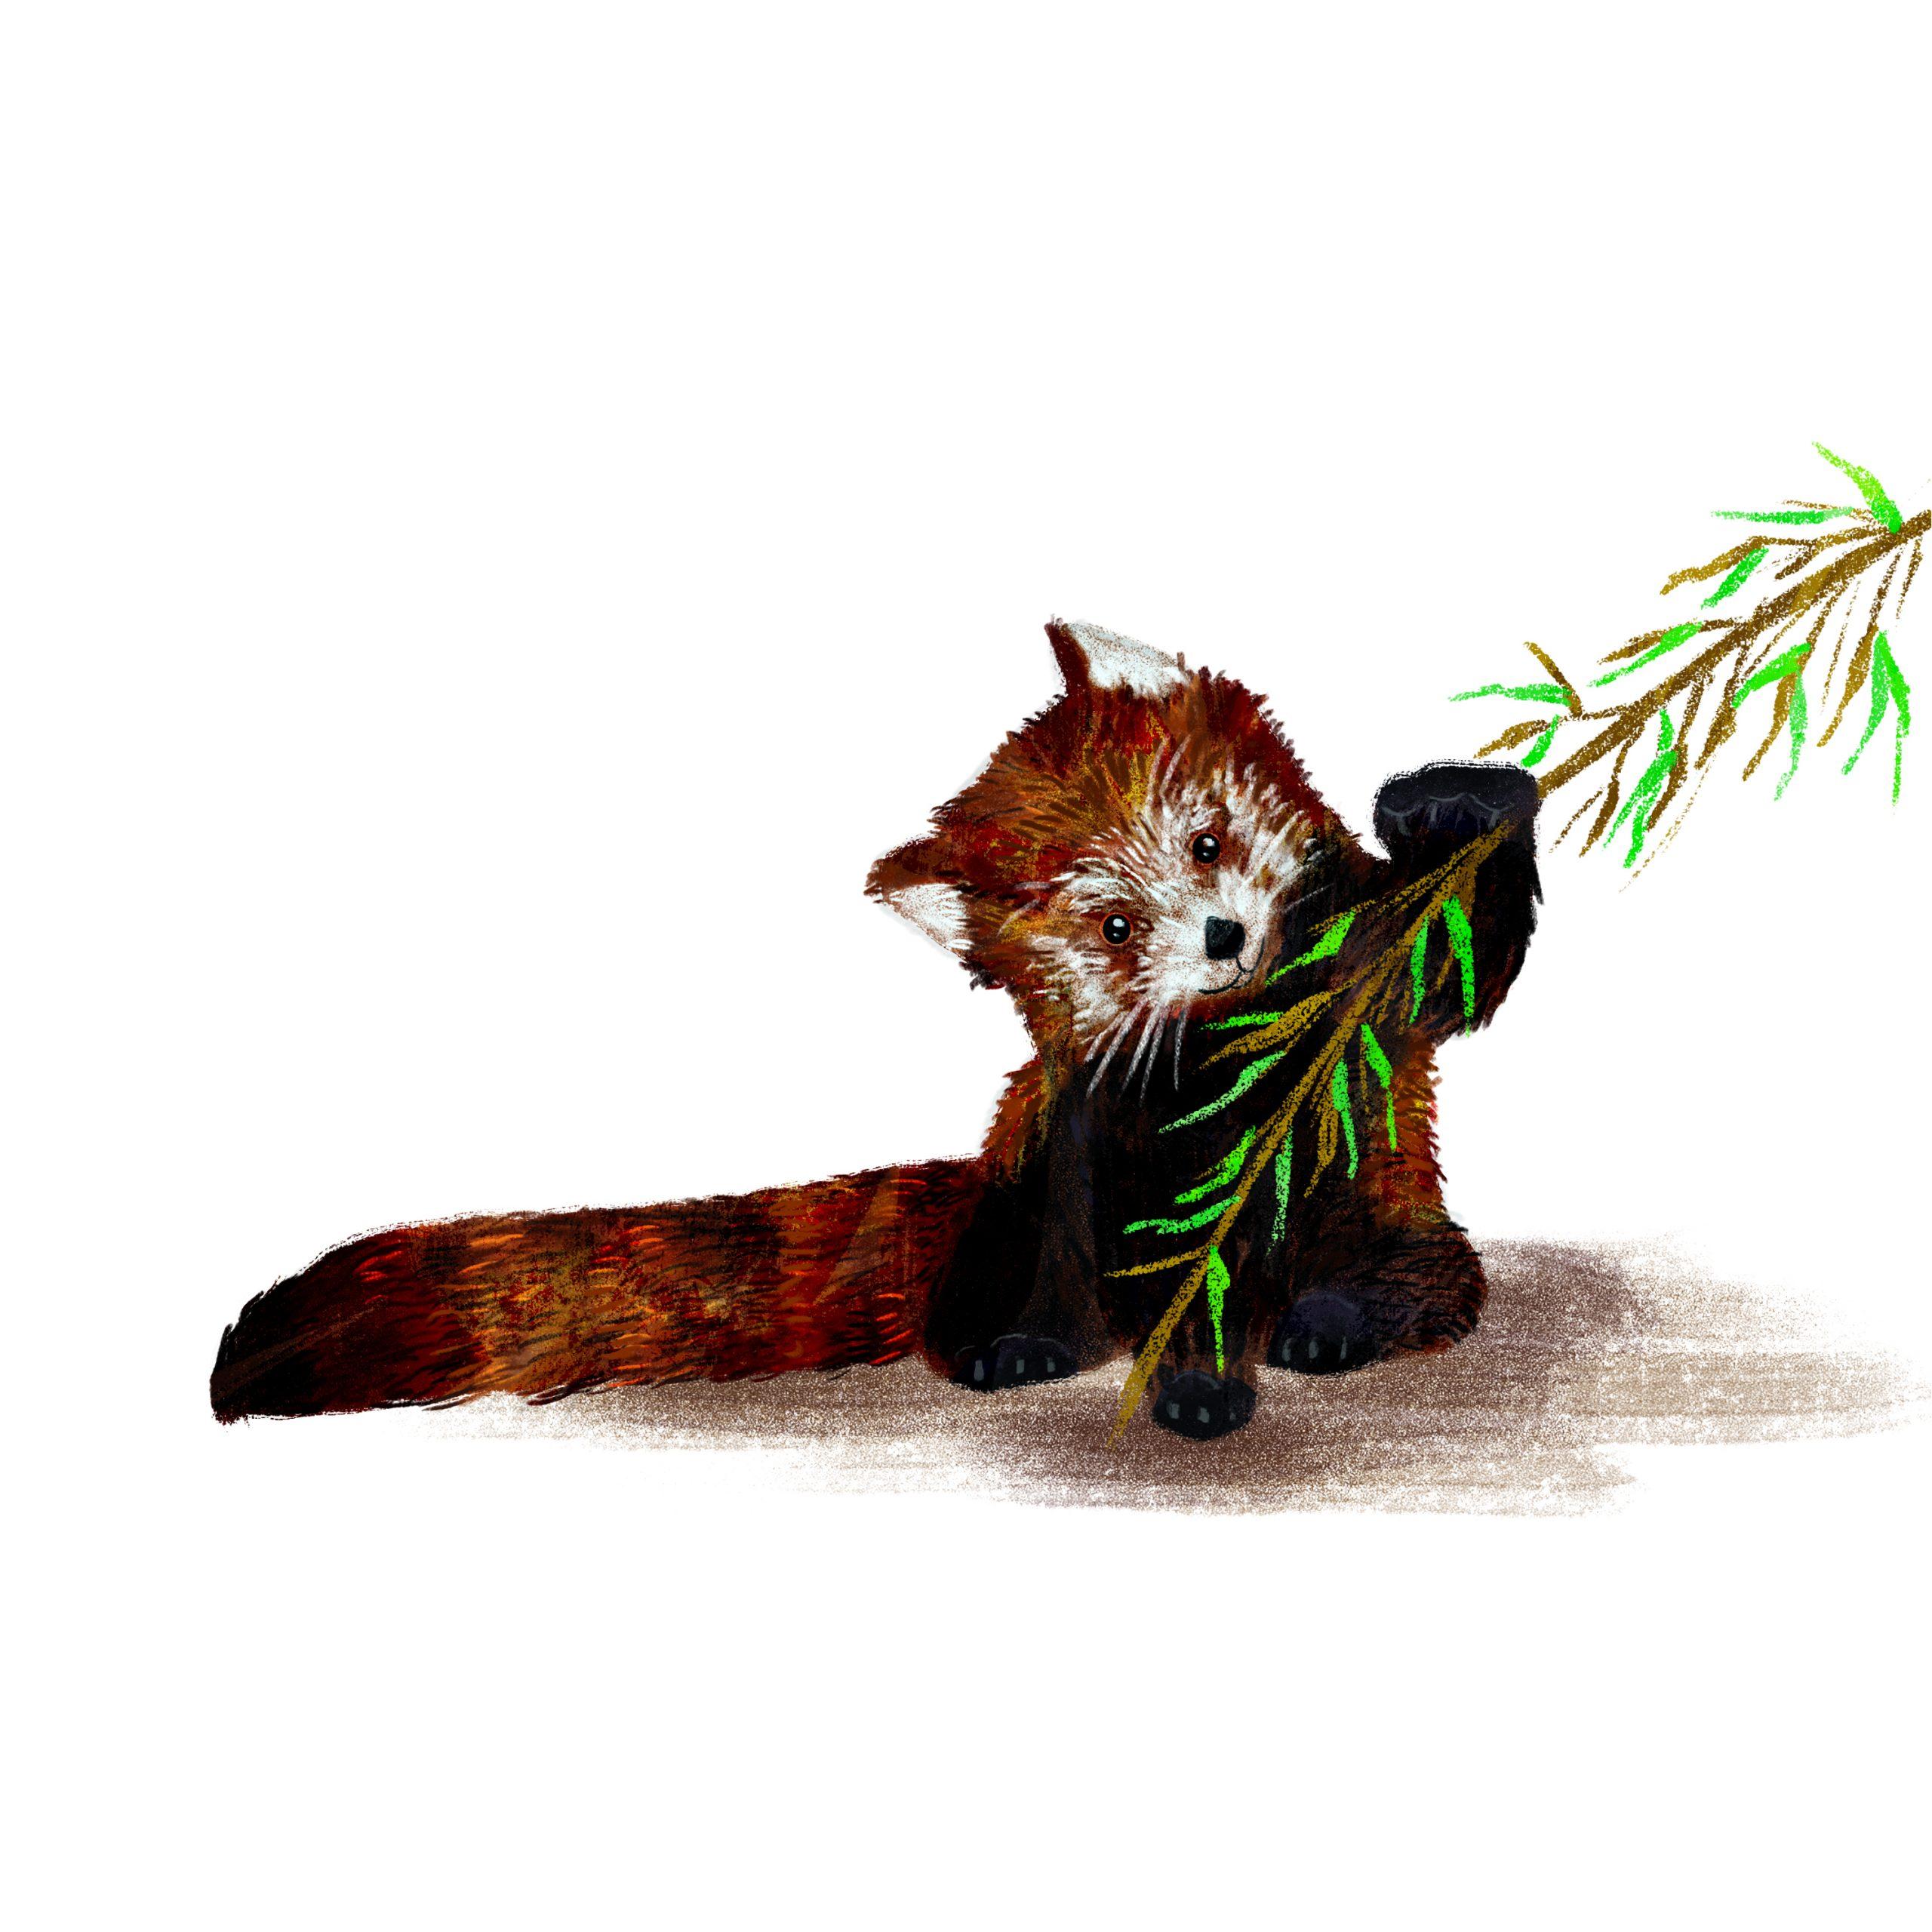 """ANIMAL ILLUSTRATION """"Un panda roux"""" Peinture numérique  """"A  red panda"""" Digital painting"""